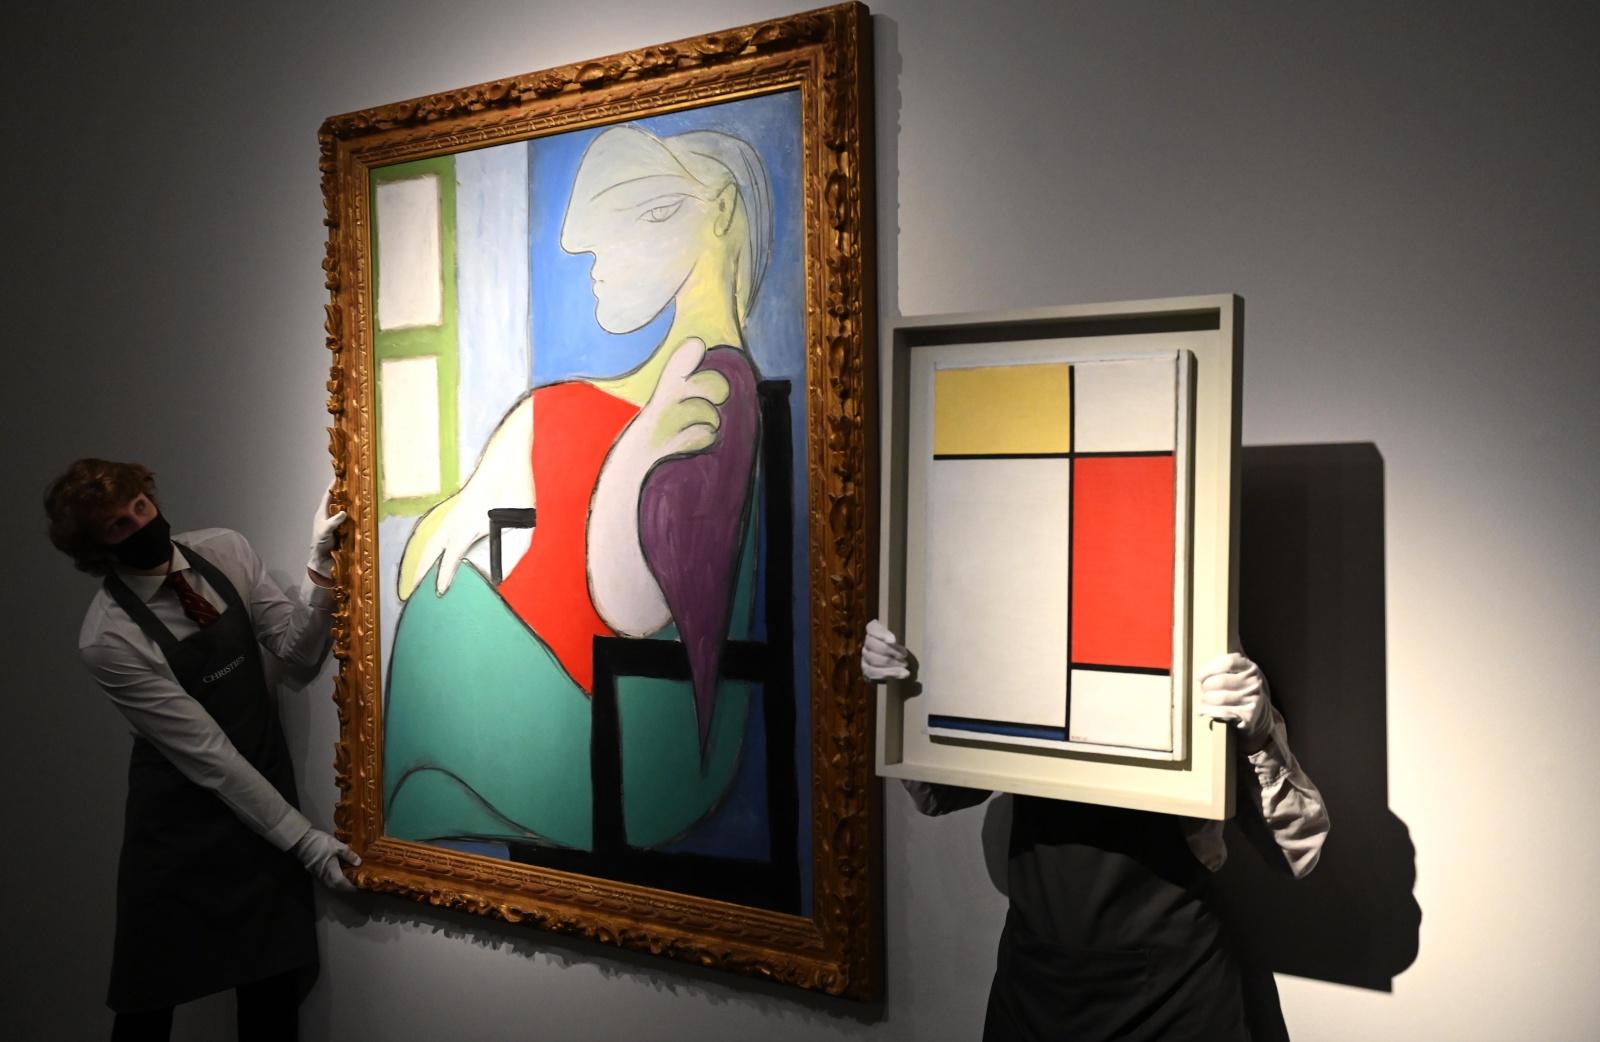 """Cultura: """"Mulher sentada junto a uma janela"""" de Pablo Picasso vendida em leilão por 85 milhões de euros"""